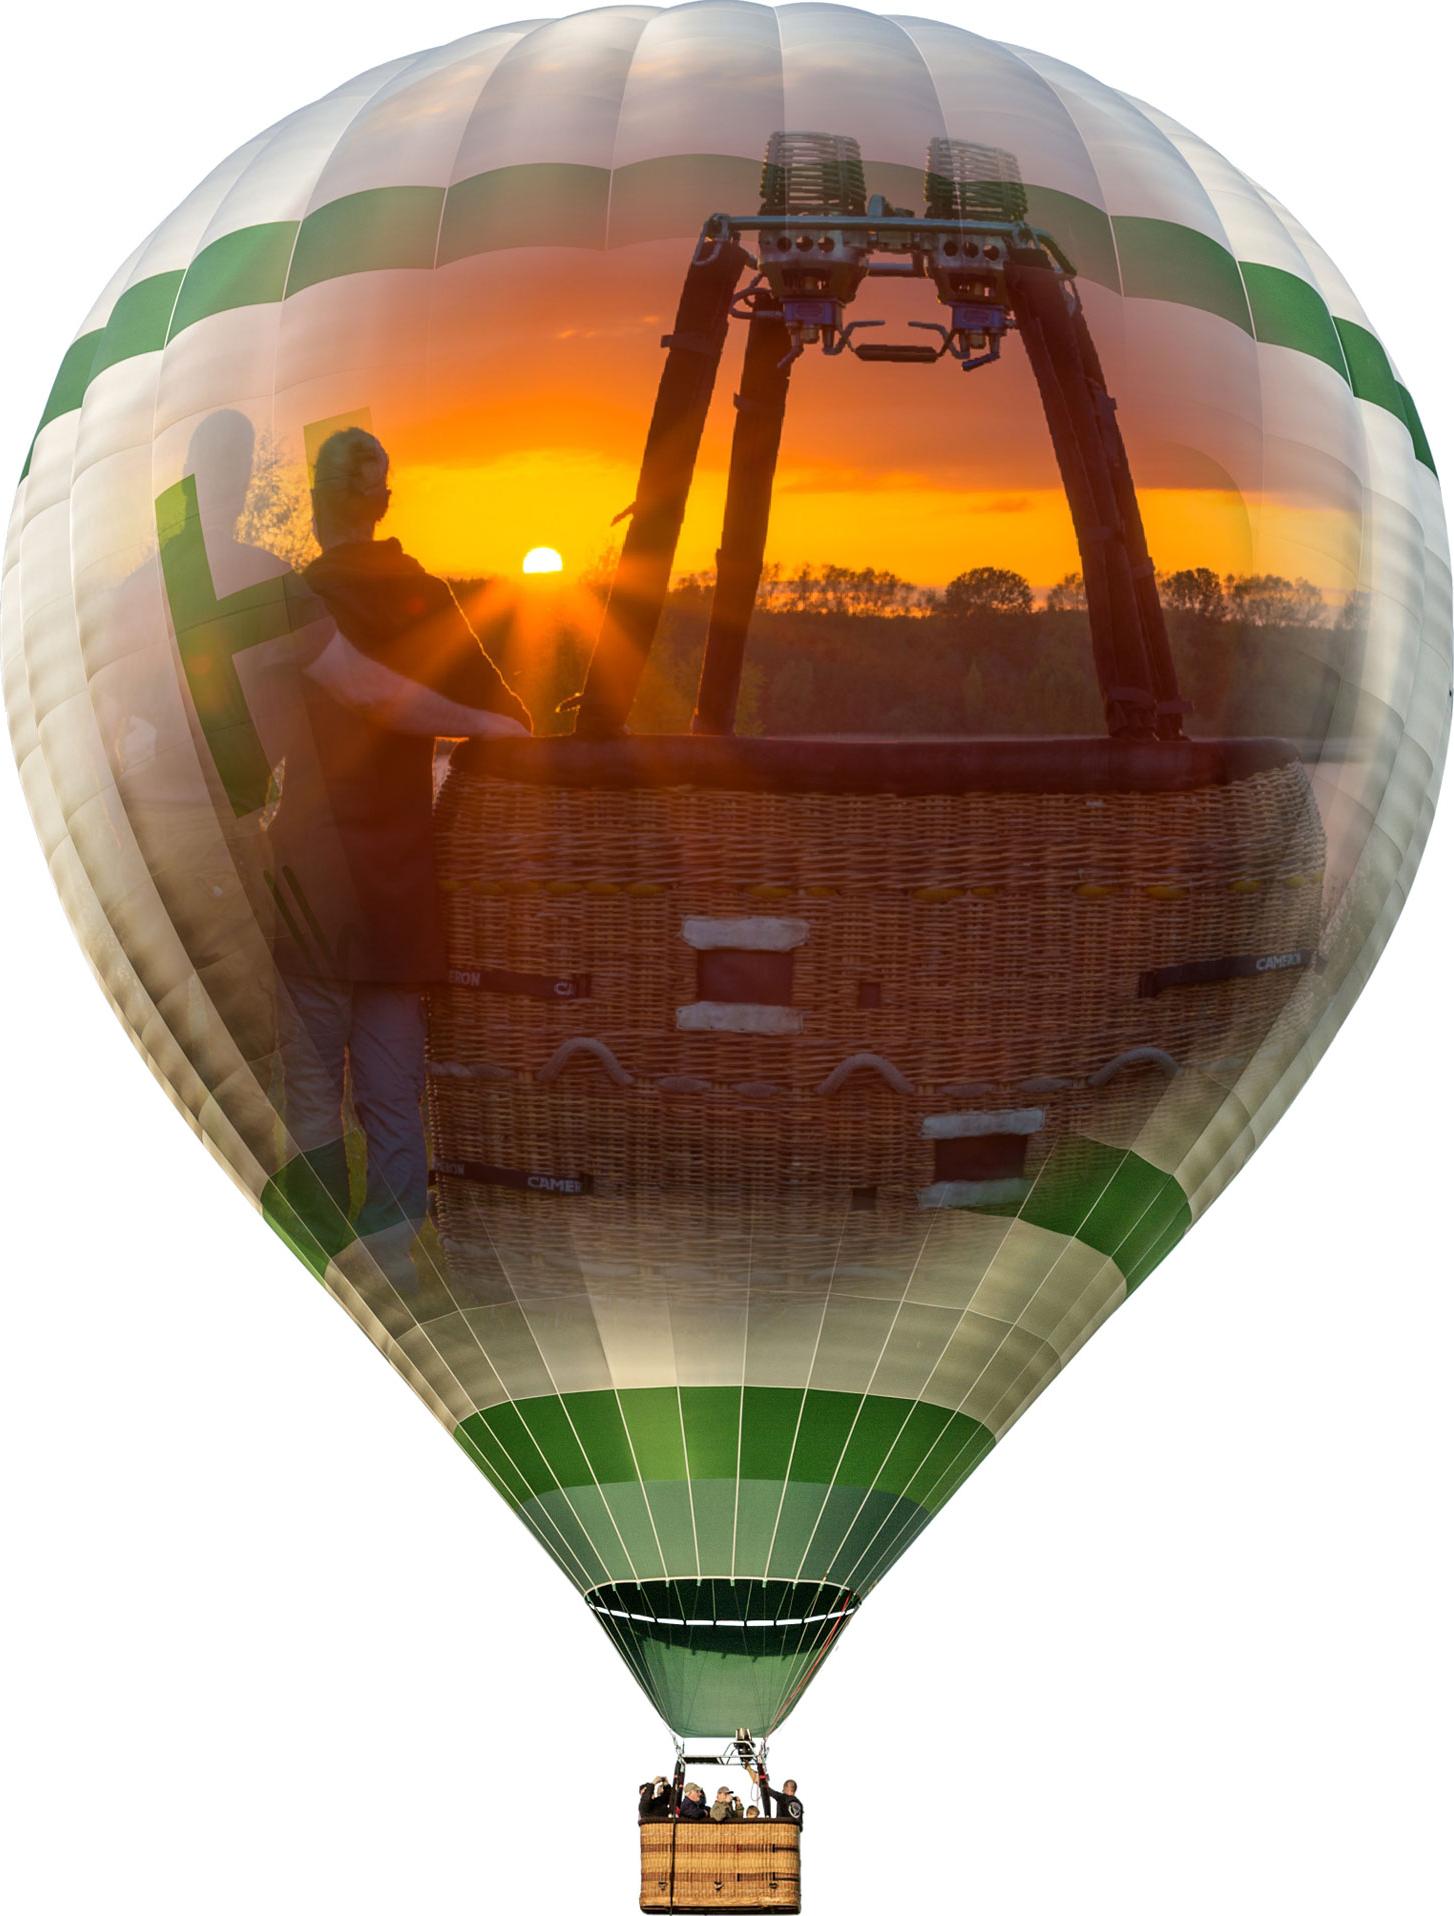 Mit dem Ballon in den Sonnenuntergang von Mecklenburg-Vorpommern fliegen